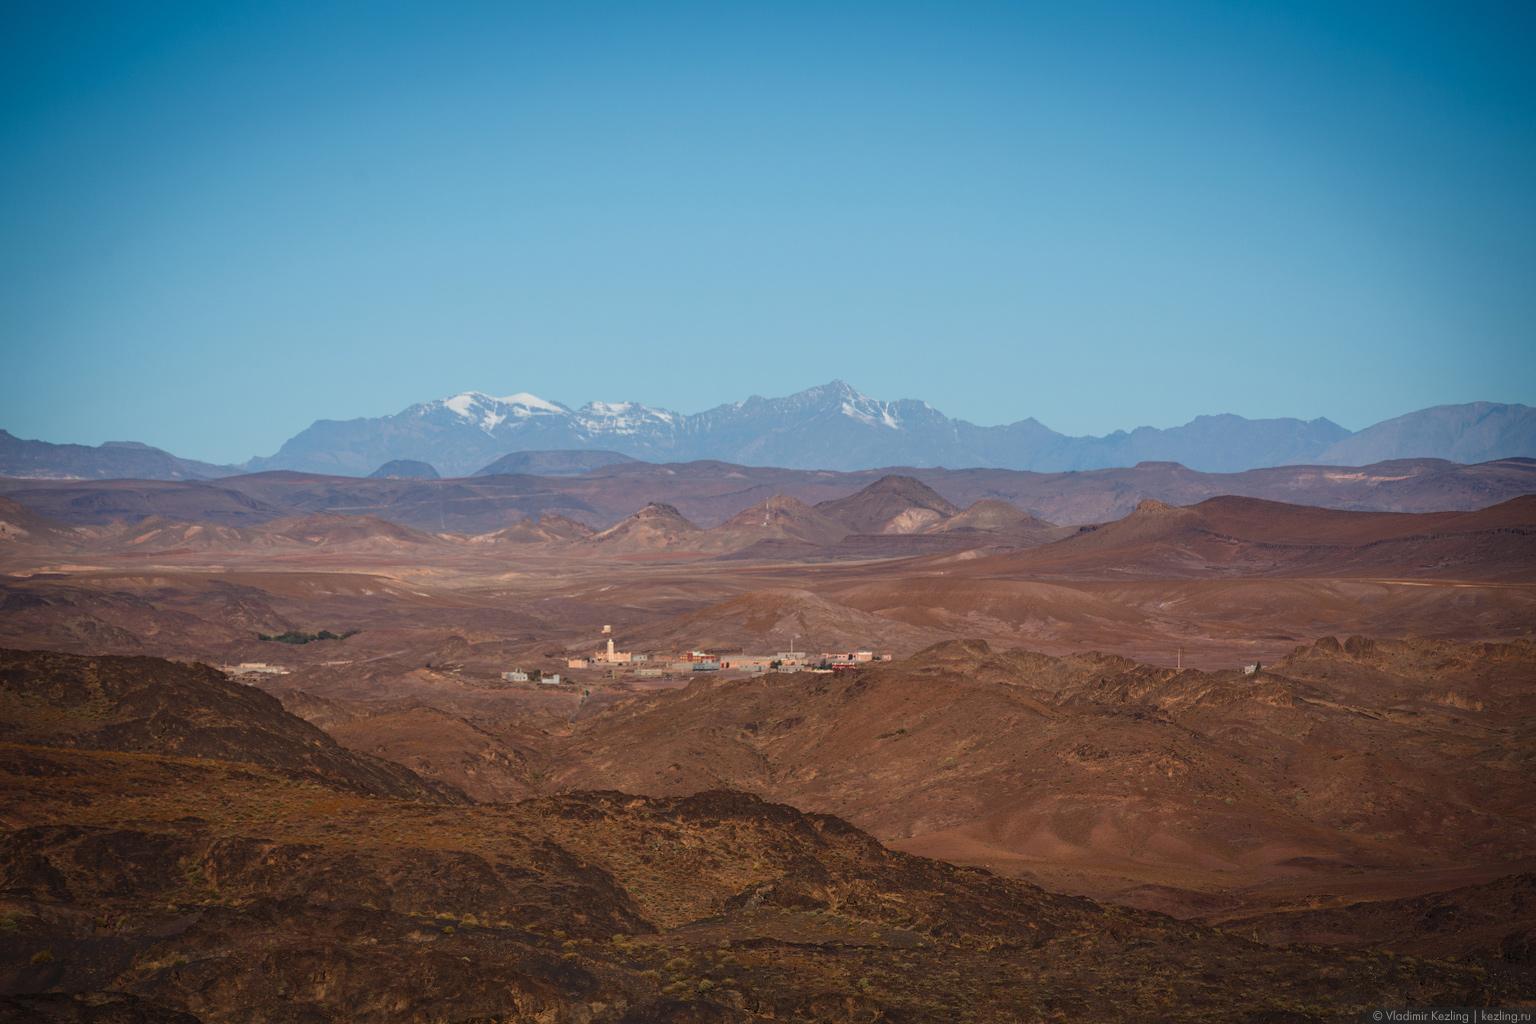 Марокканские сказки. Айт-Бен-Хадду и долгая дорога в Сахару